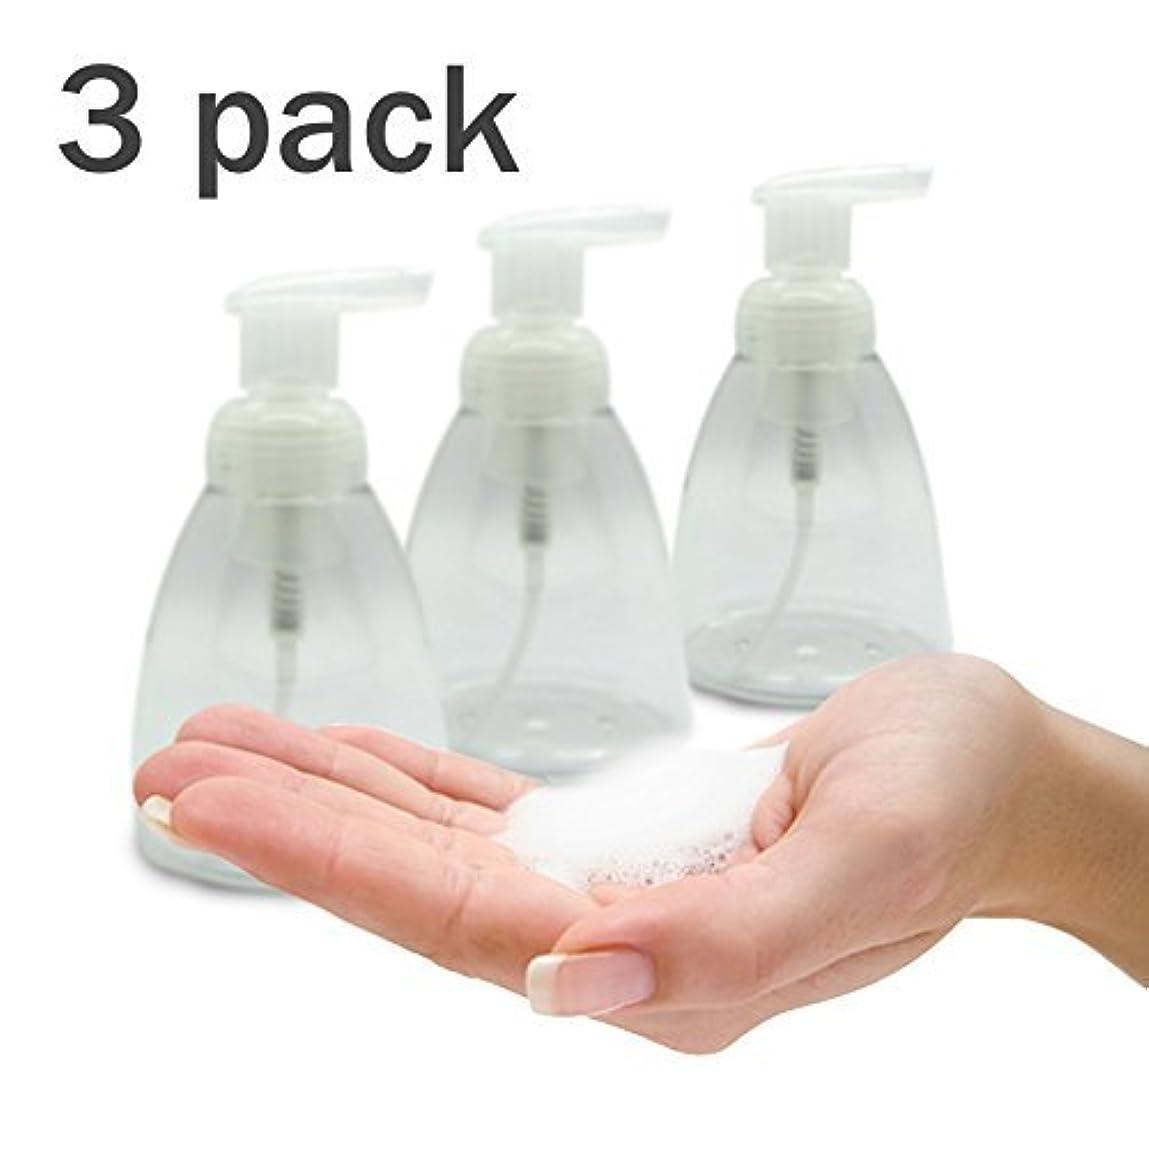 紳士気取りの、きざなもっと少なくケーブルFoaming Soap Dispenser Set of 3 pack 300ml (10 oz) Empty Bottles Hand Soap Liquid Containers. Save Money! Less...